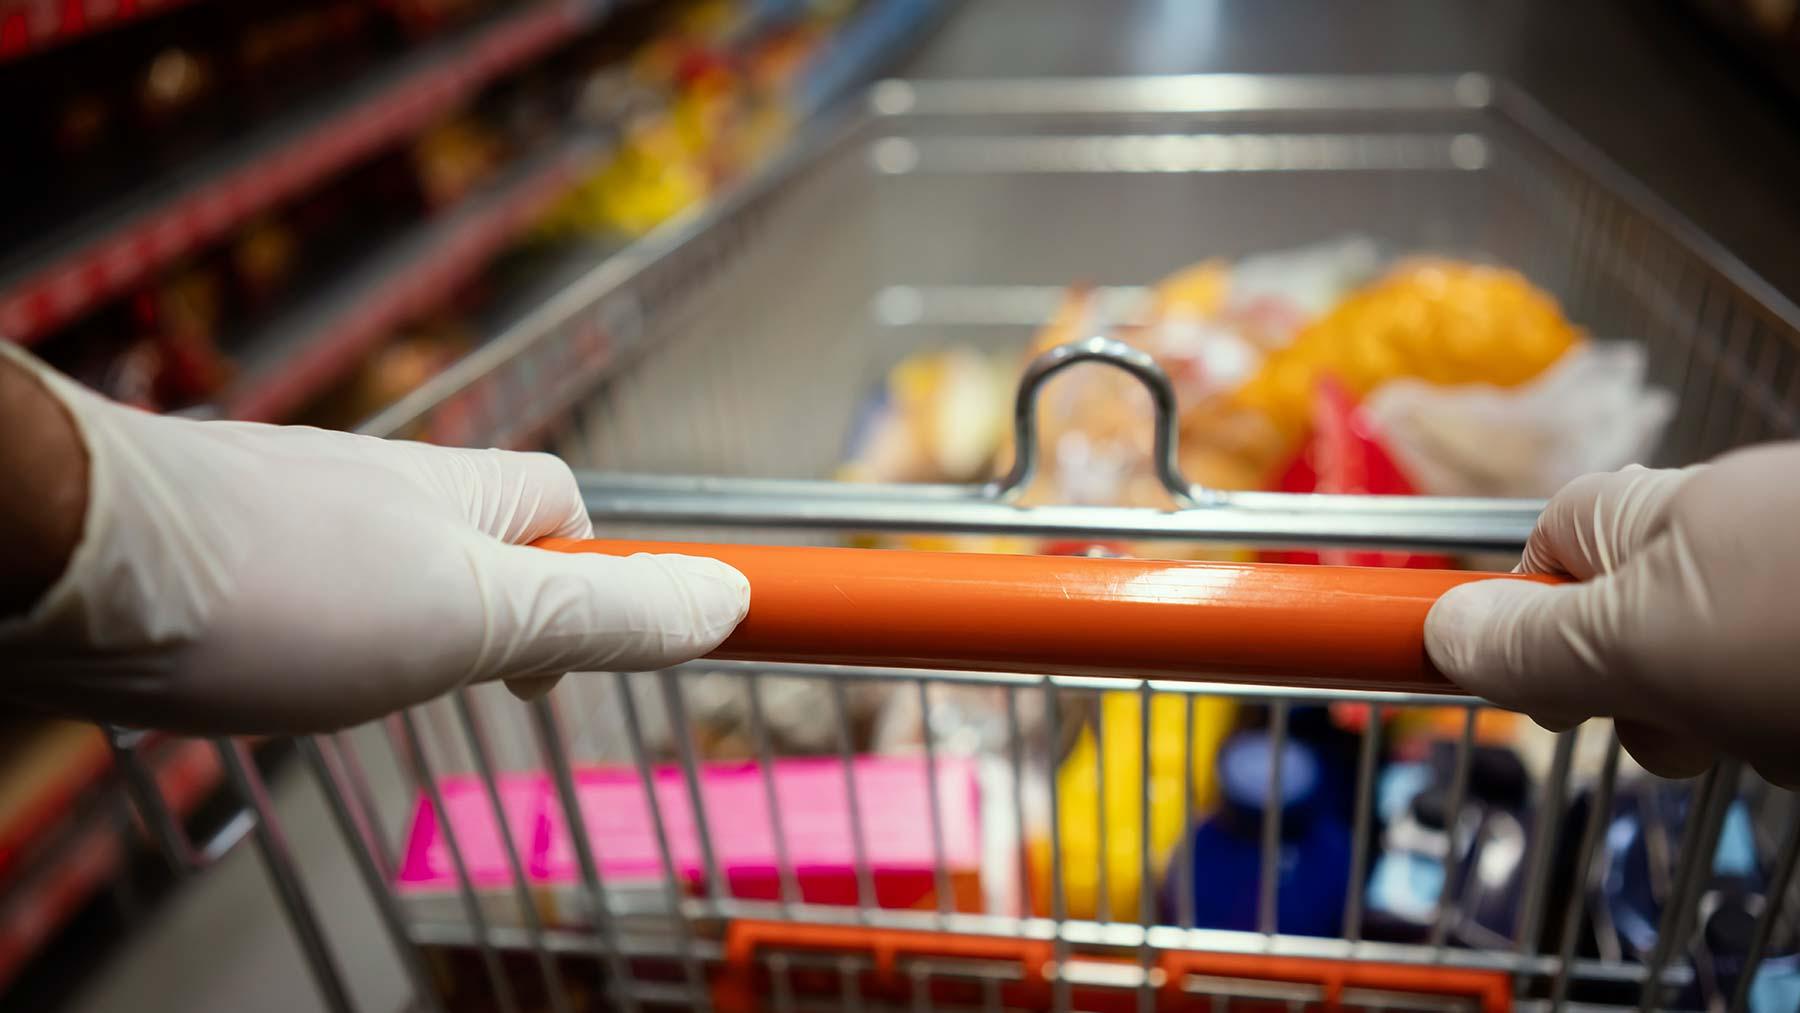 آیا استفاده از دستکش هنگام خرید برای ایمنی از کرونا موثر است؟